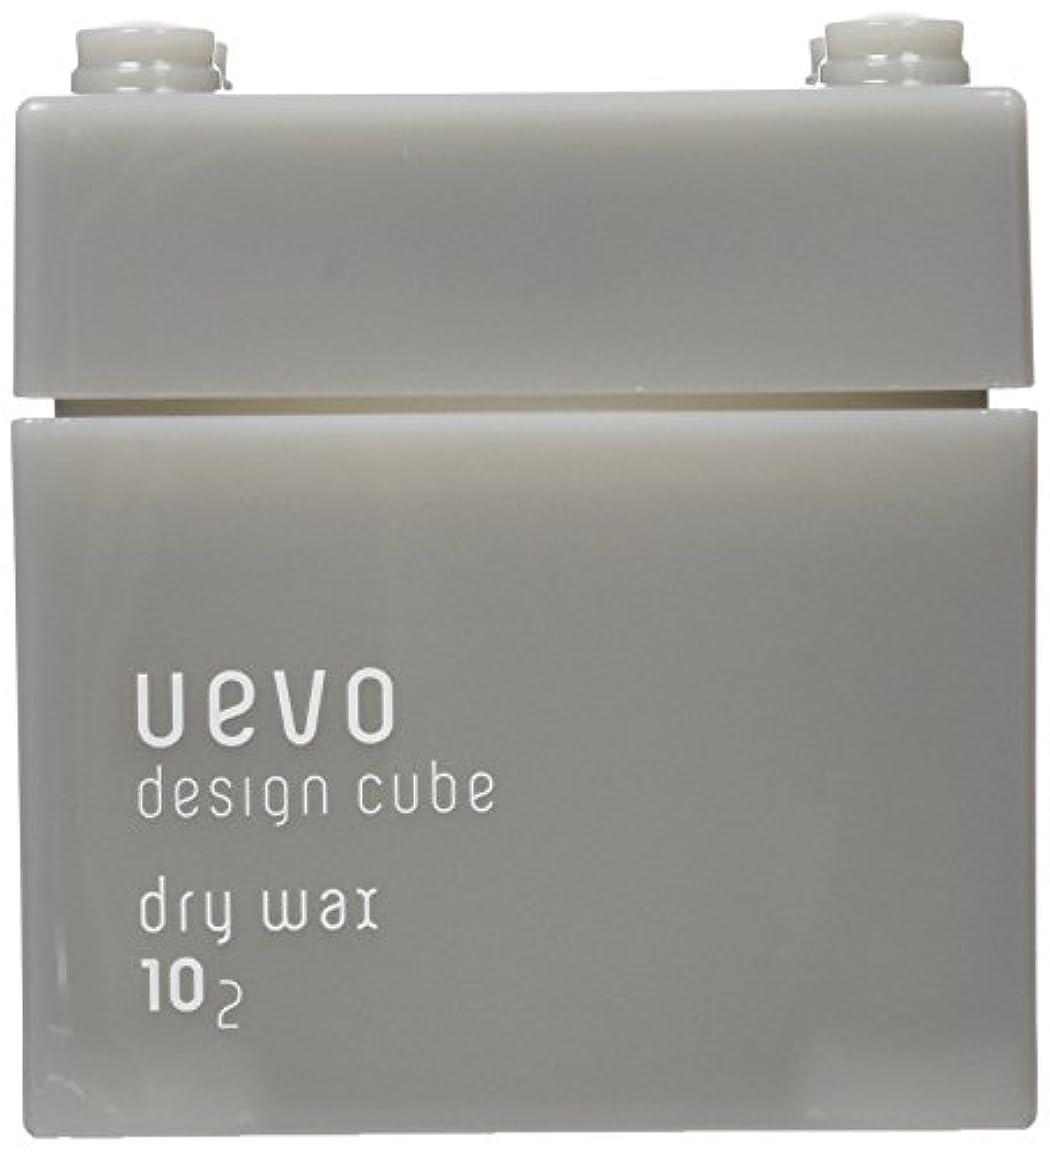 肺炎混合有益ウェーボ デザインキューブ ドライワックス 80g